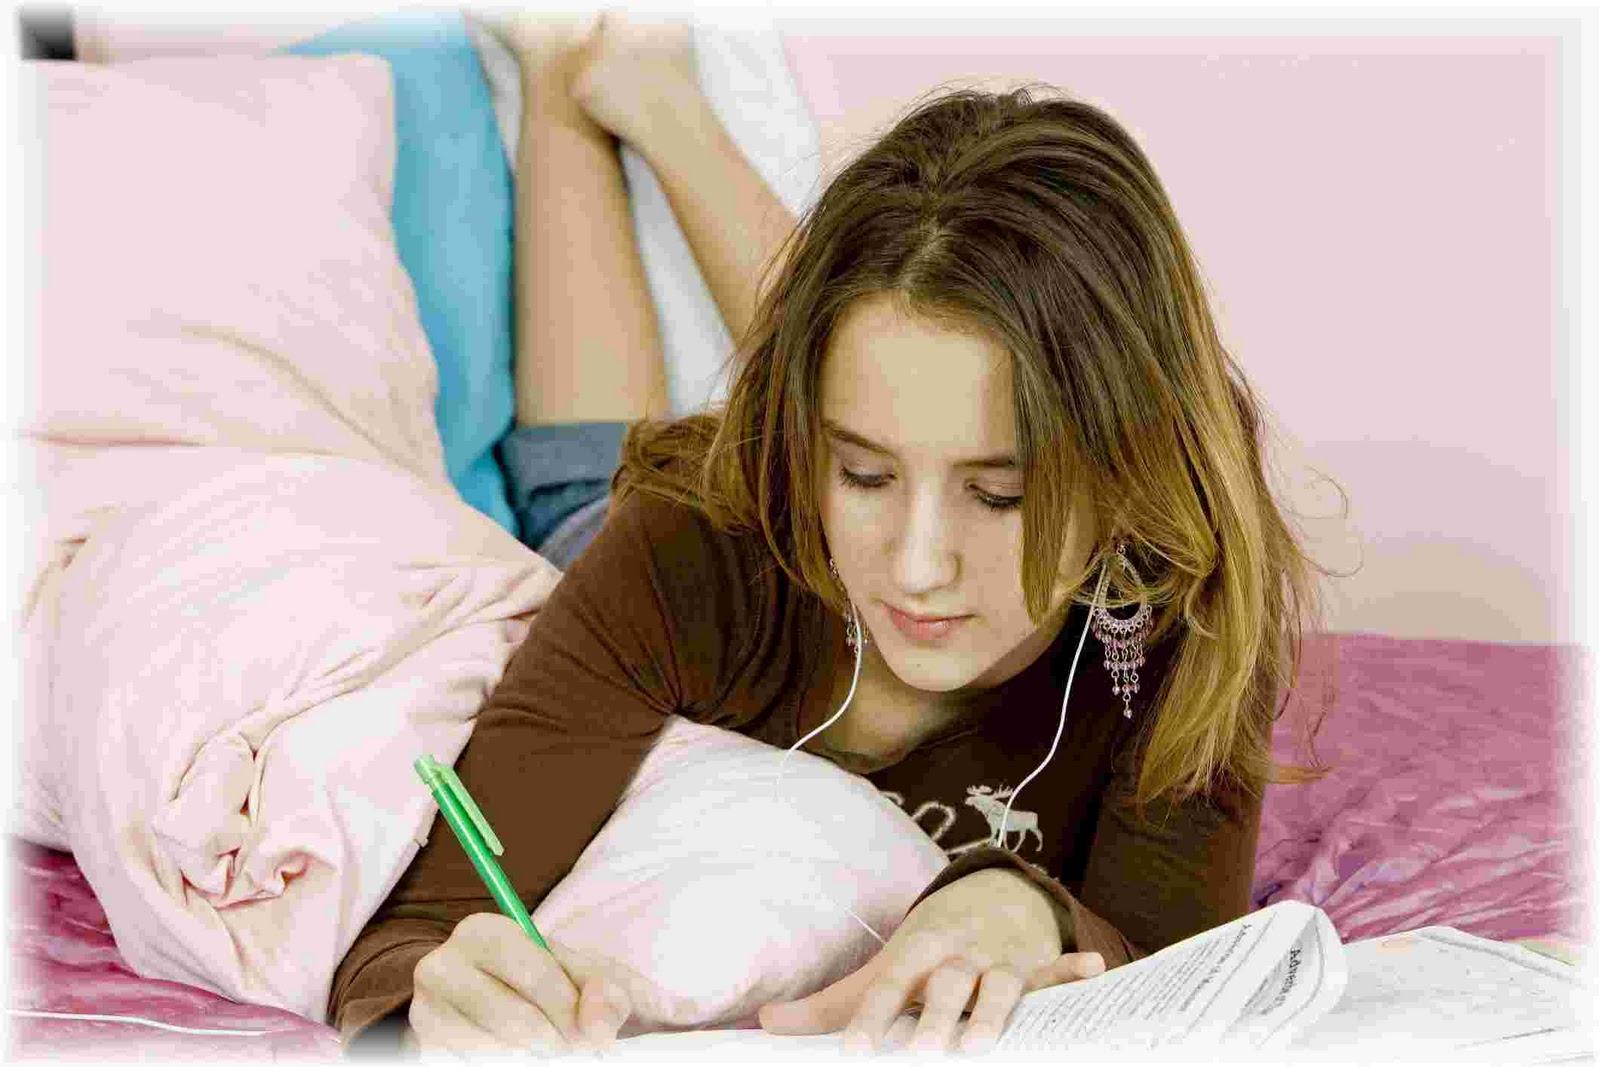 Las 3 etapas de la adolescencia - Psicologa y Mente